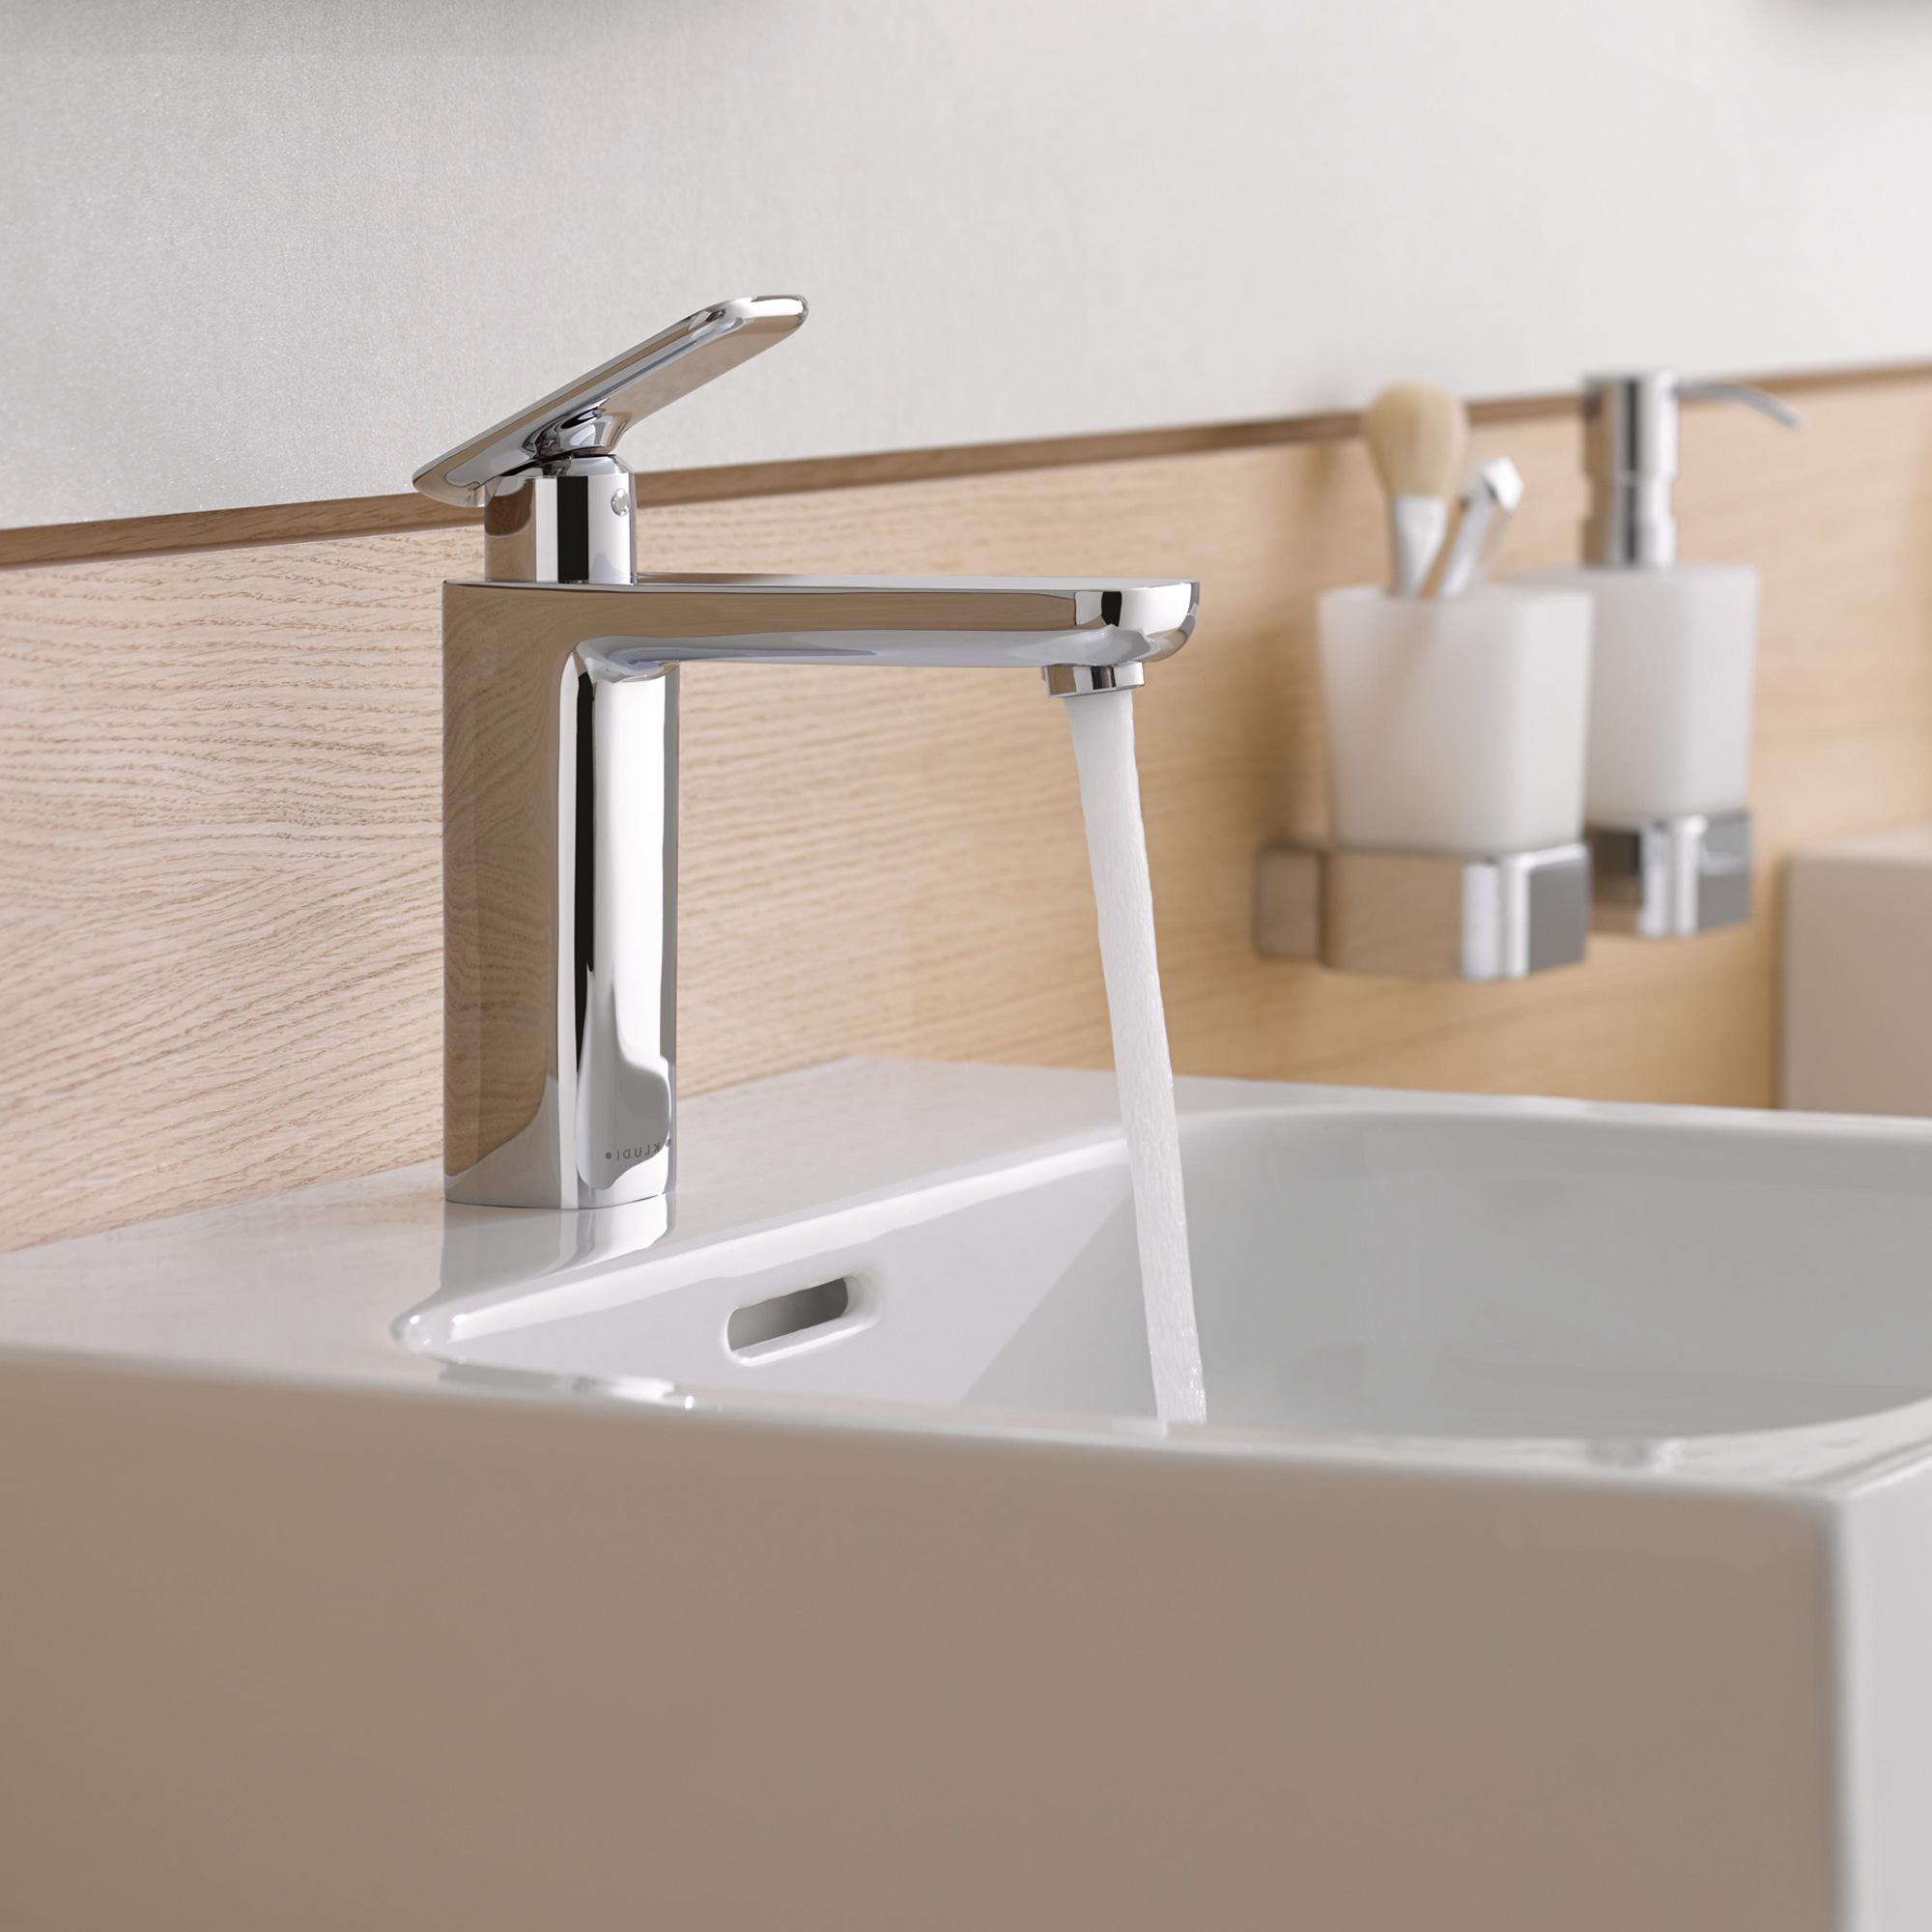 Kludi e2 waschtisch einhandmischer ohne ablaufgarnitur for Waschtisch ablaufgarnitur